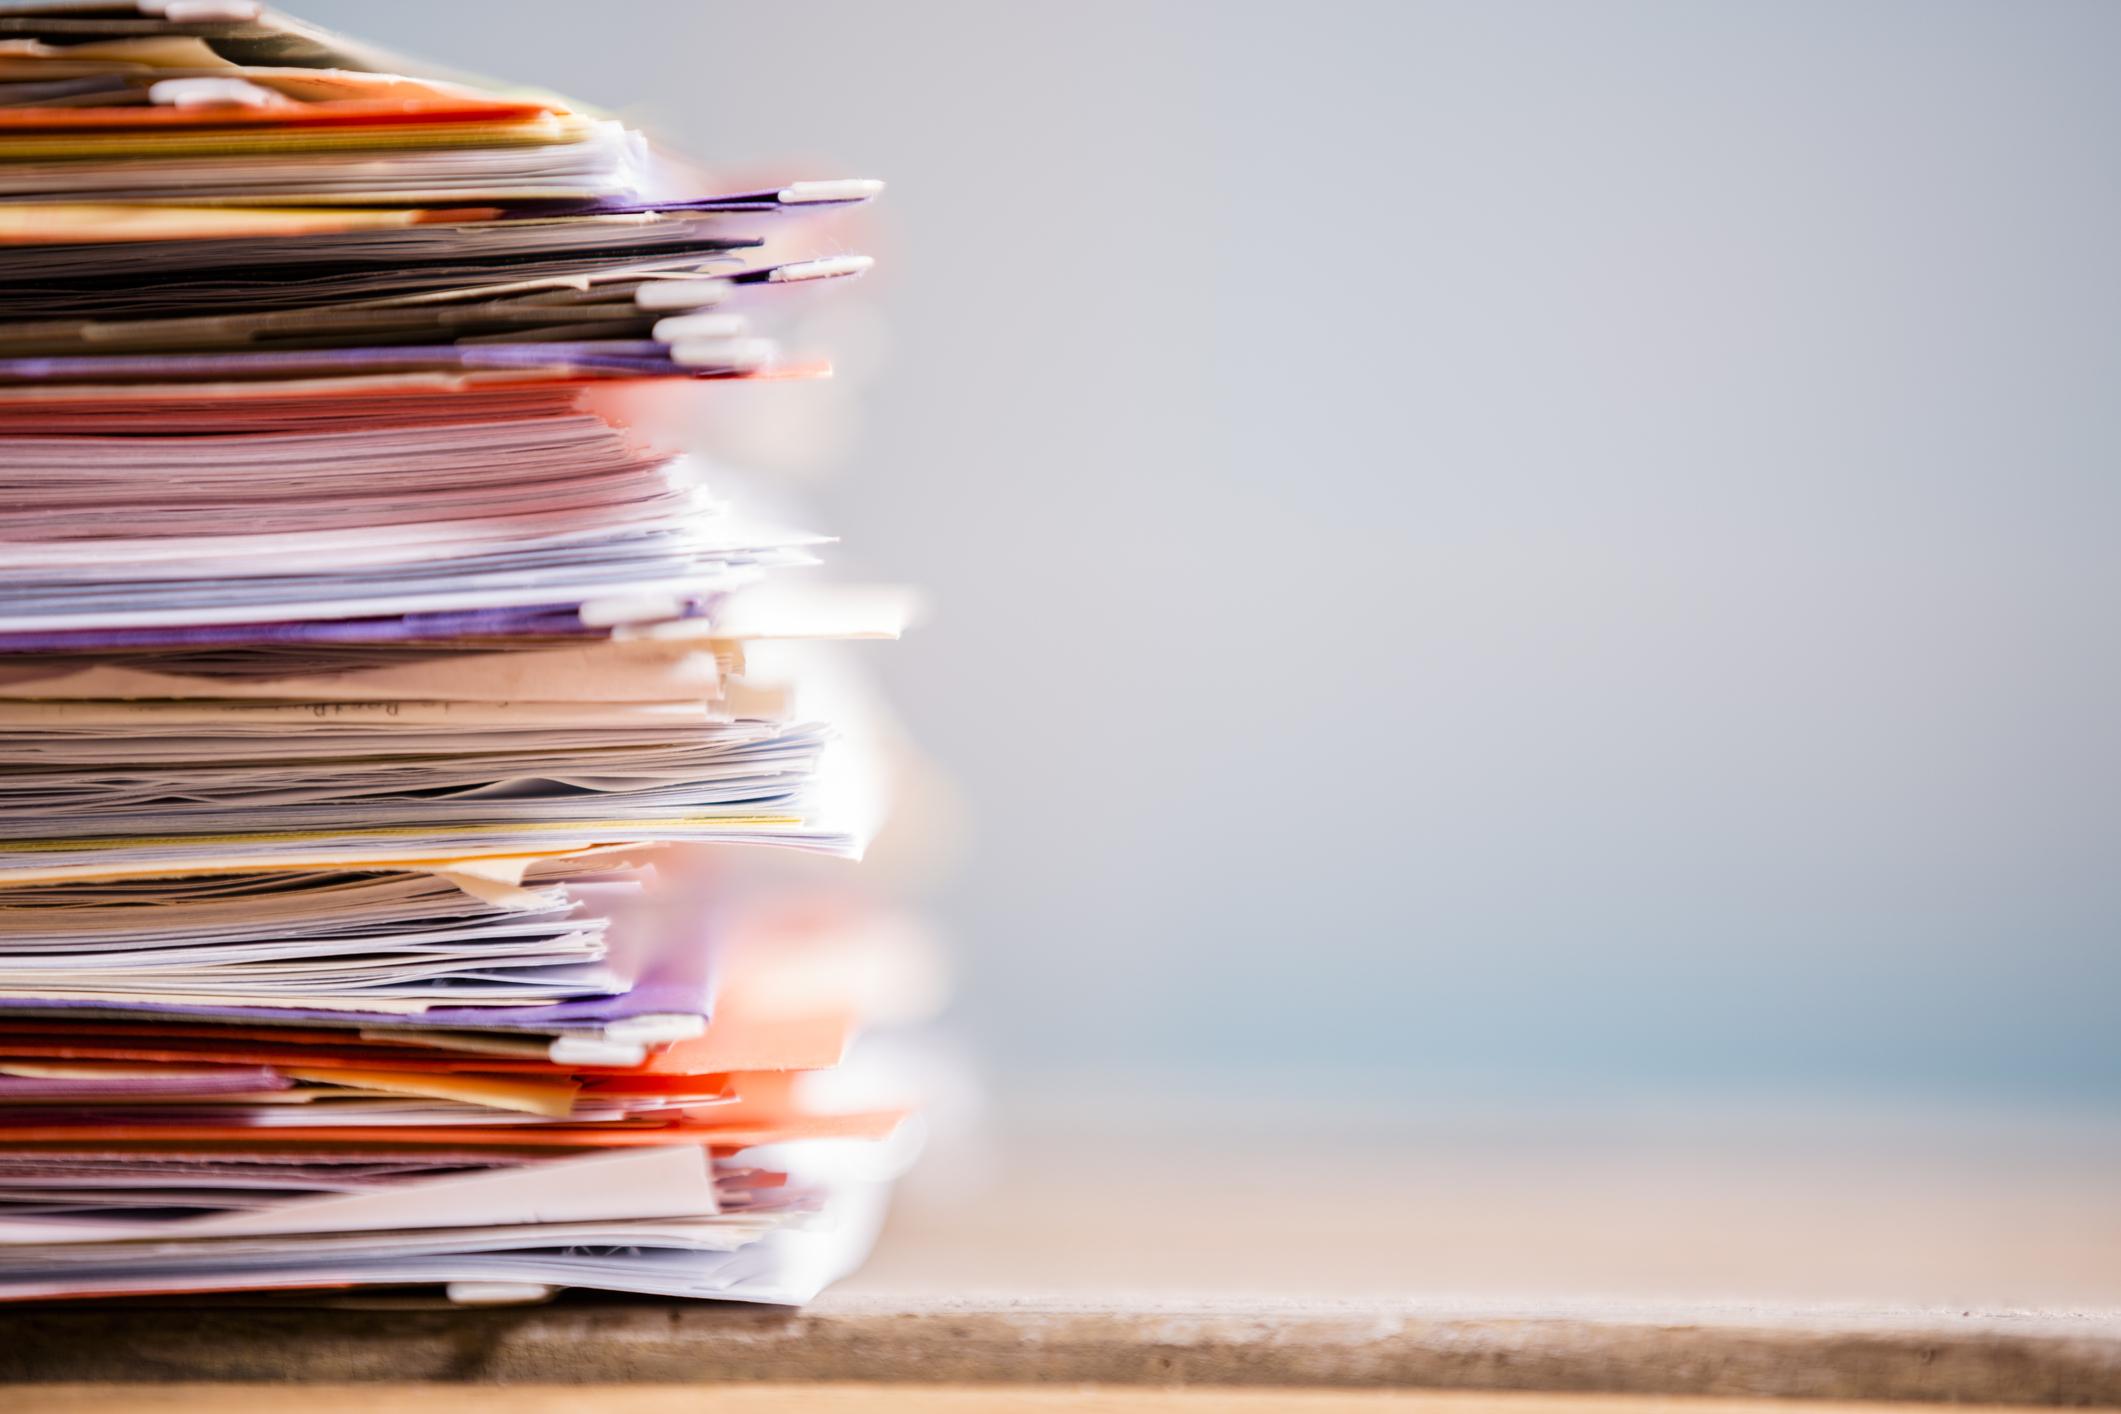 Beratungs-möglichkeiten - Erste Schritte auf dem Weg zu Ihrer Steuererklärung. Erfahren Sie, wie wir Sie optimal unterstützen können.